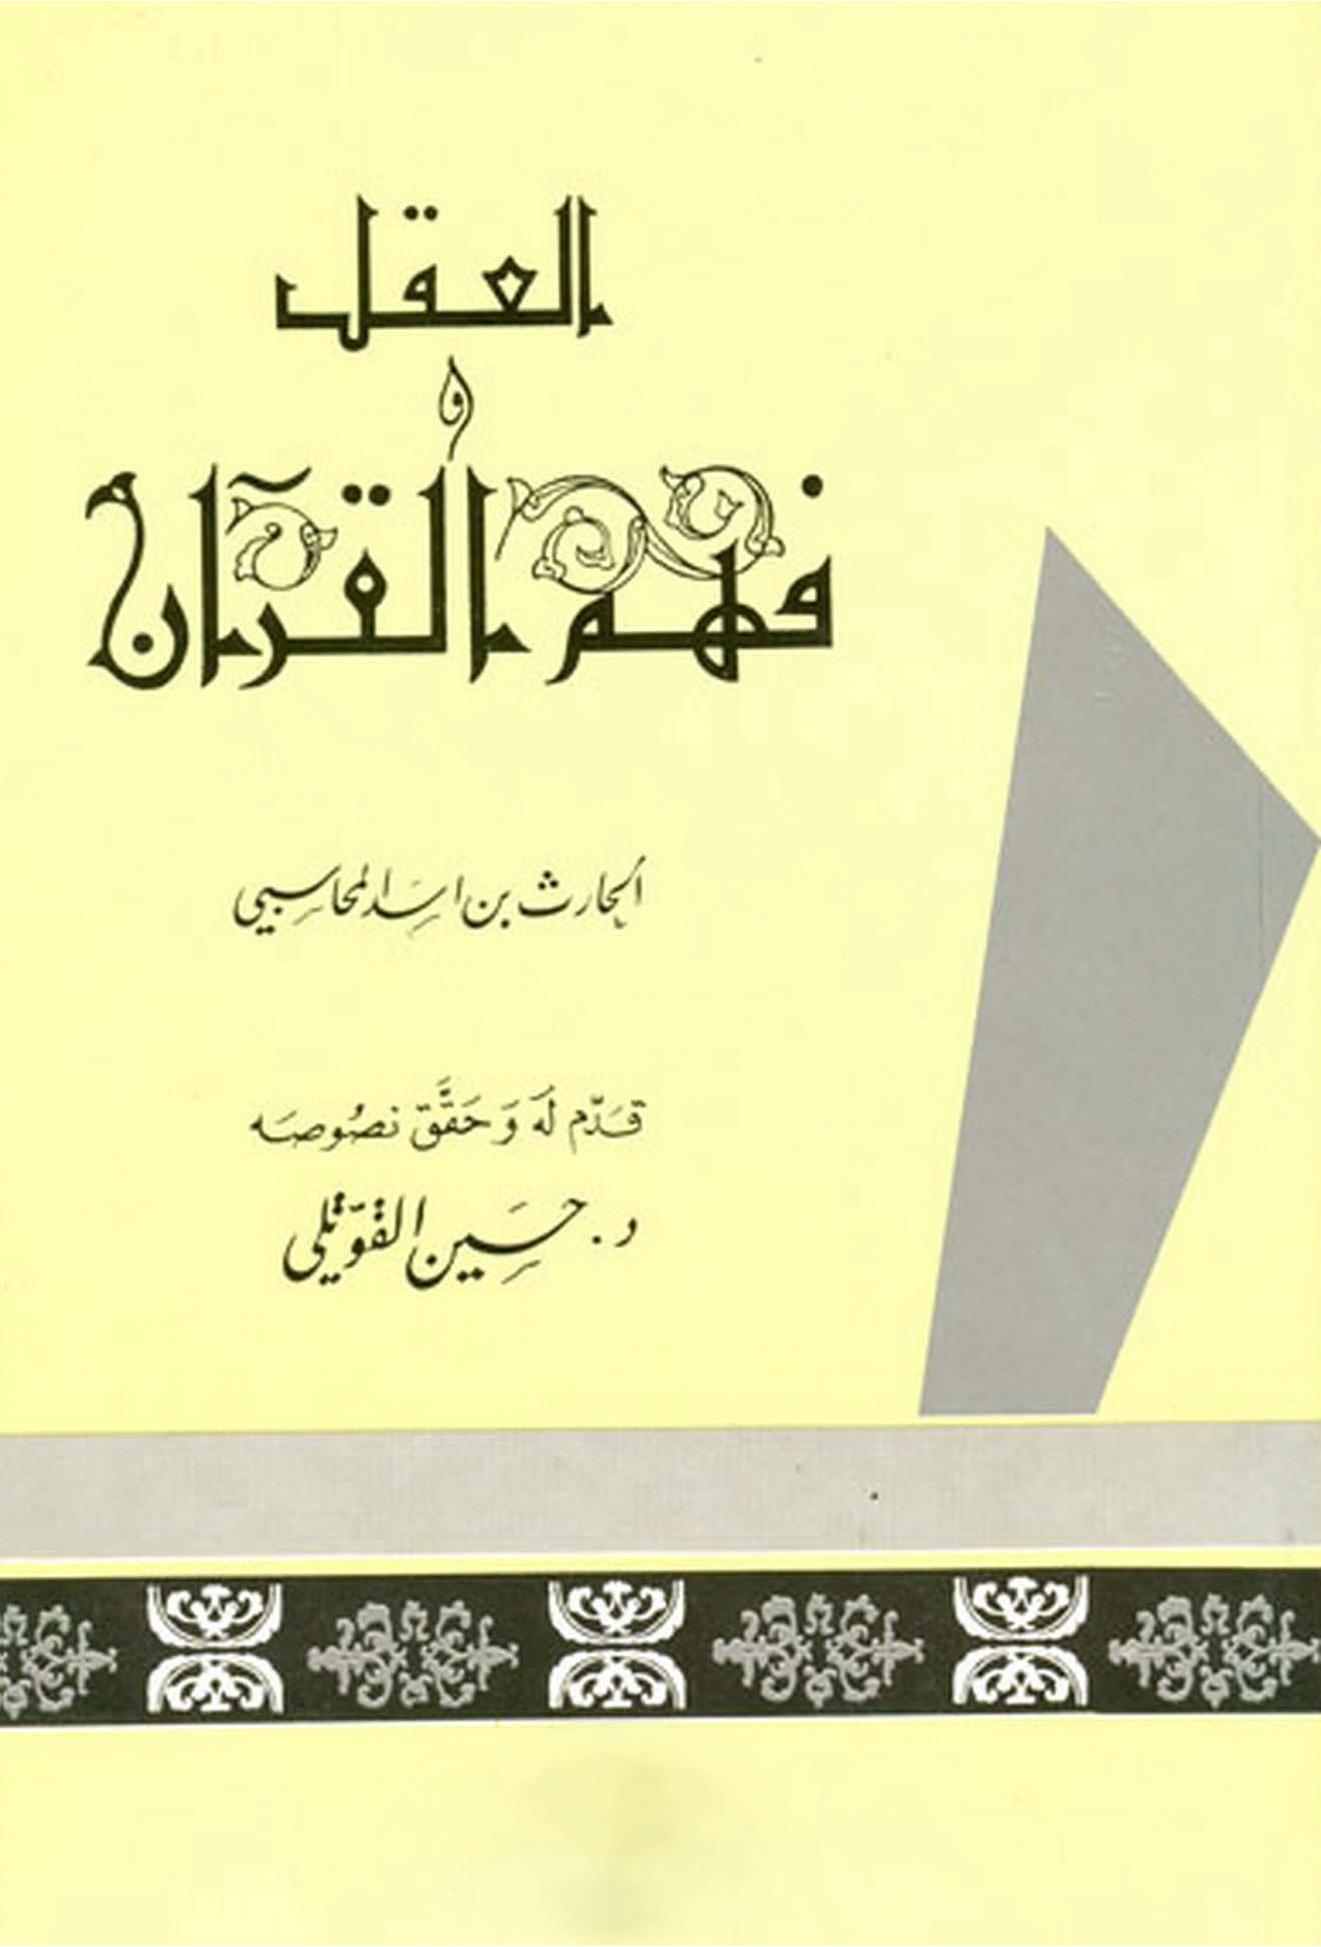 تحميل كتاب العقل وفهم القرآن لـِ: الشيخ أبو عبد الله الحارث بن أسد المحاسبي (ت 243)